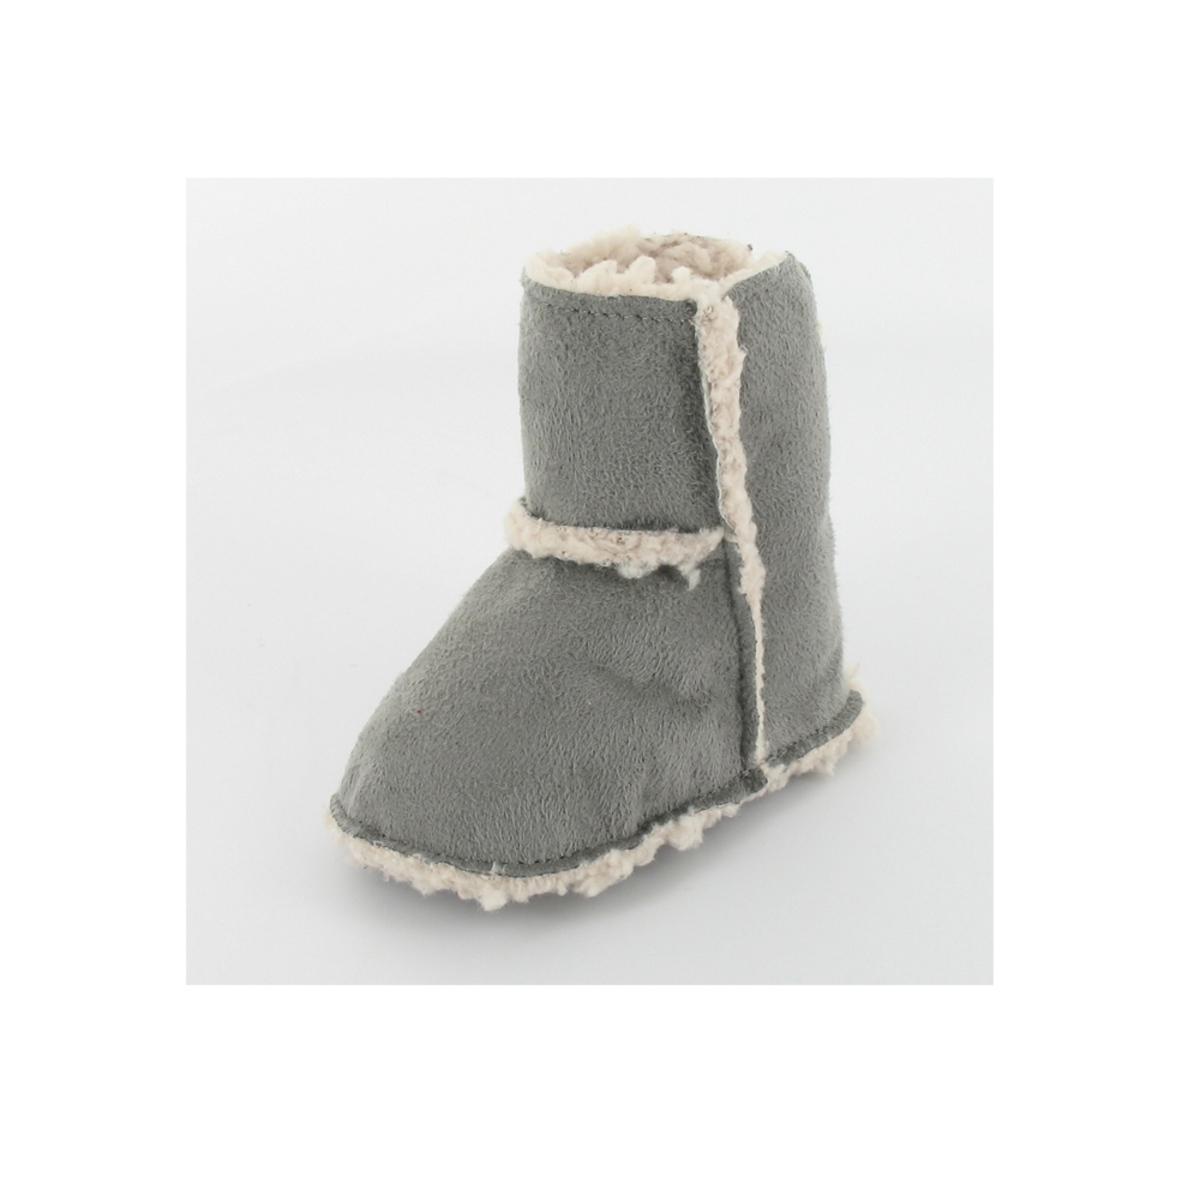 Mon petit chausson Bottes Fourrées Colline 0 3 mois - Gris - LDLC ... 59bfb7d7ad24